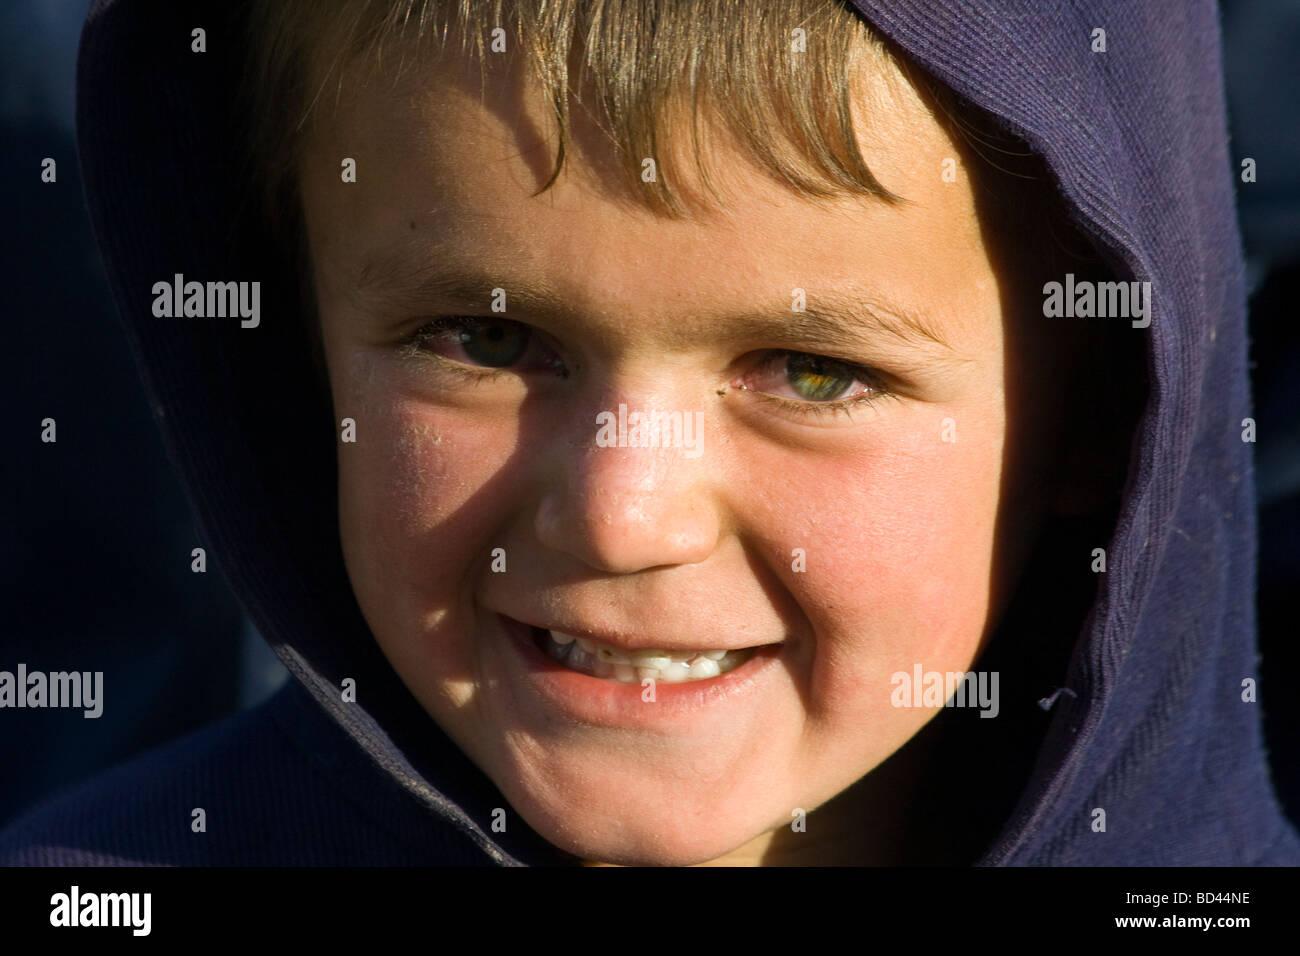 tajik boy child tajikistan stock photos amp tajik boy child